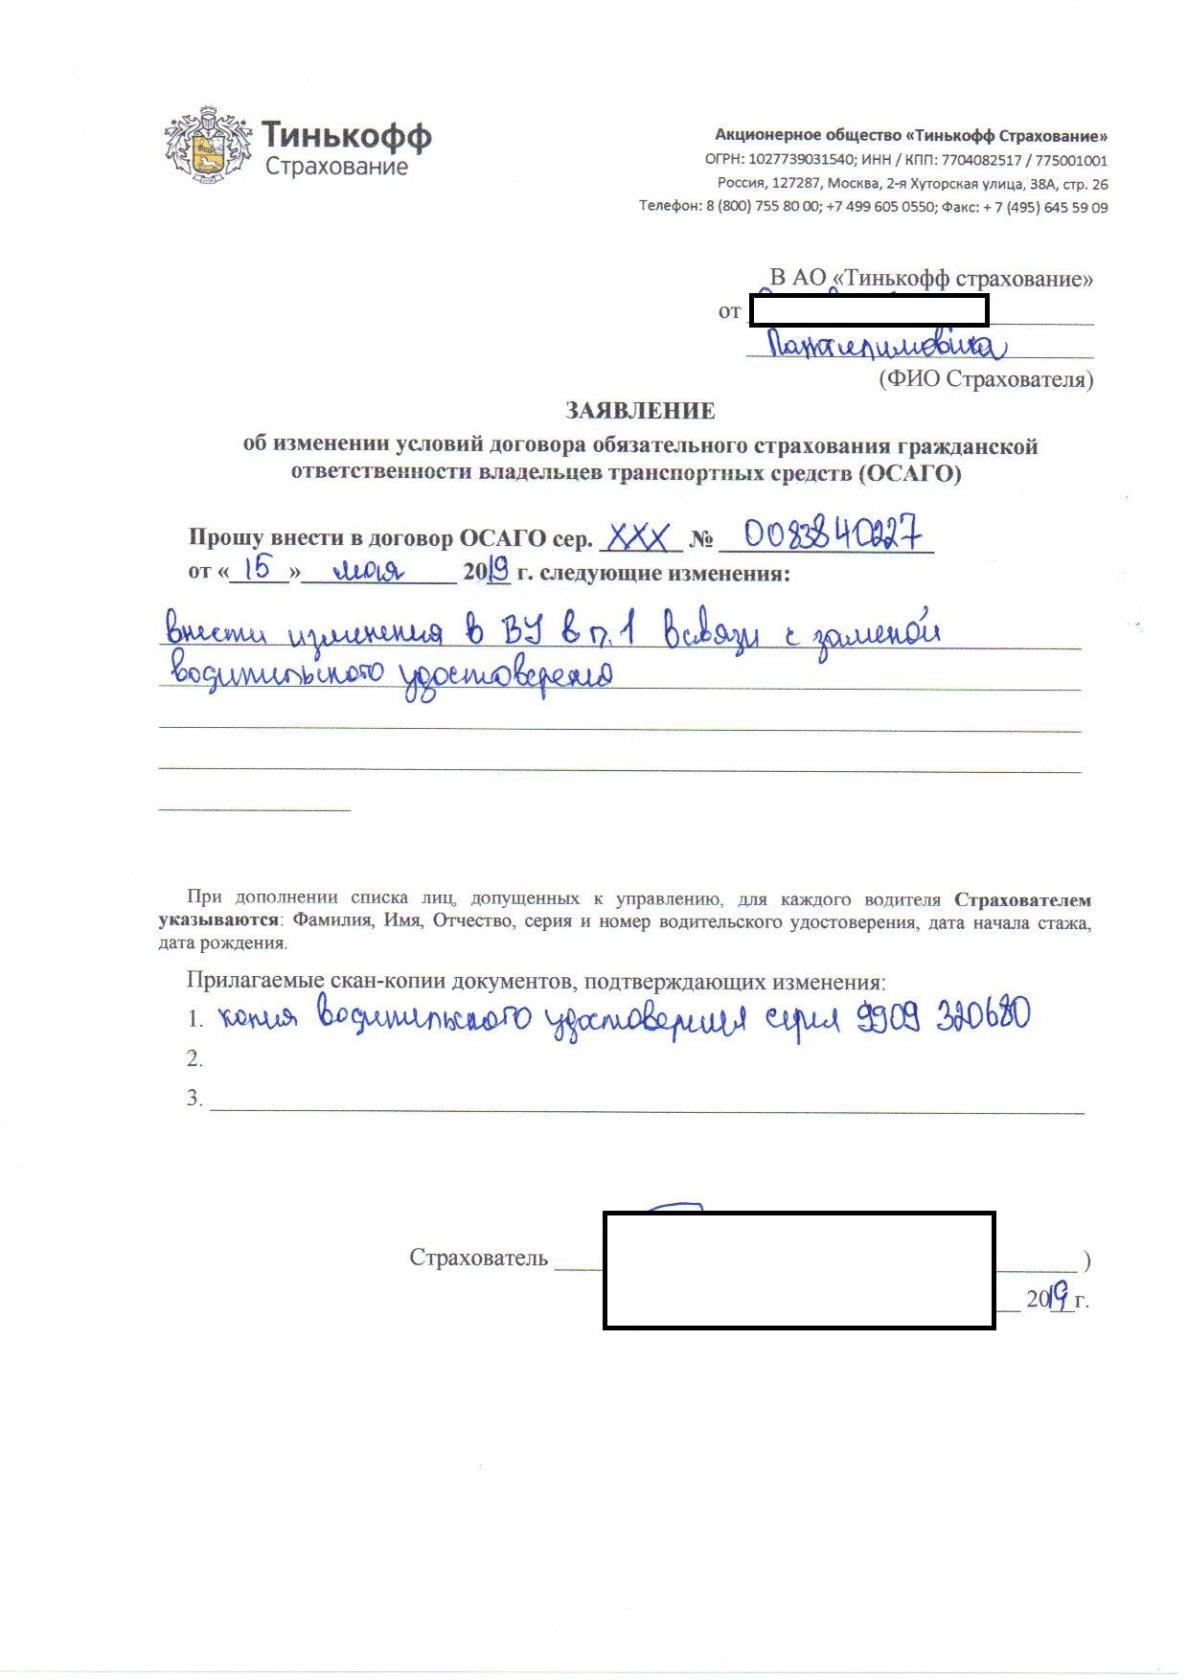 http://kursk2009.ucoz.ru/prava/tinkof_2.jpg